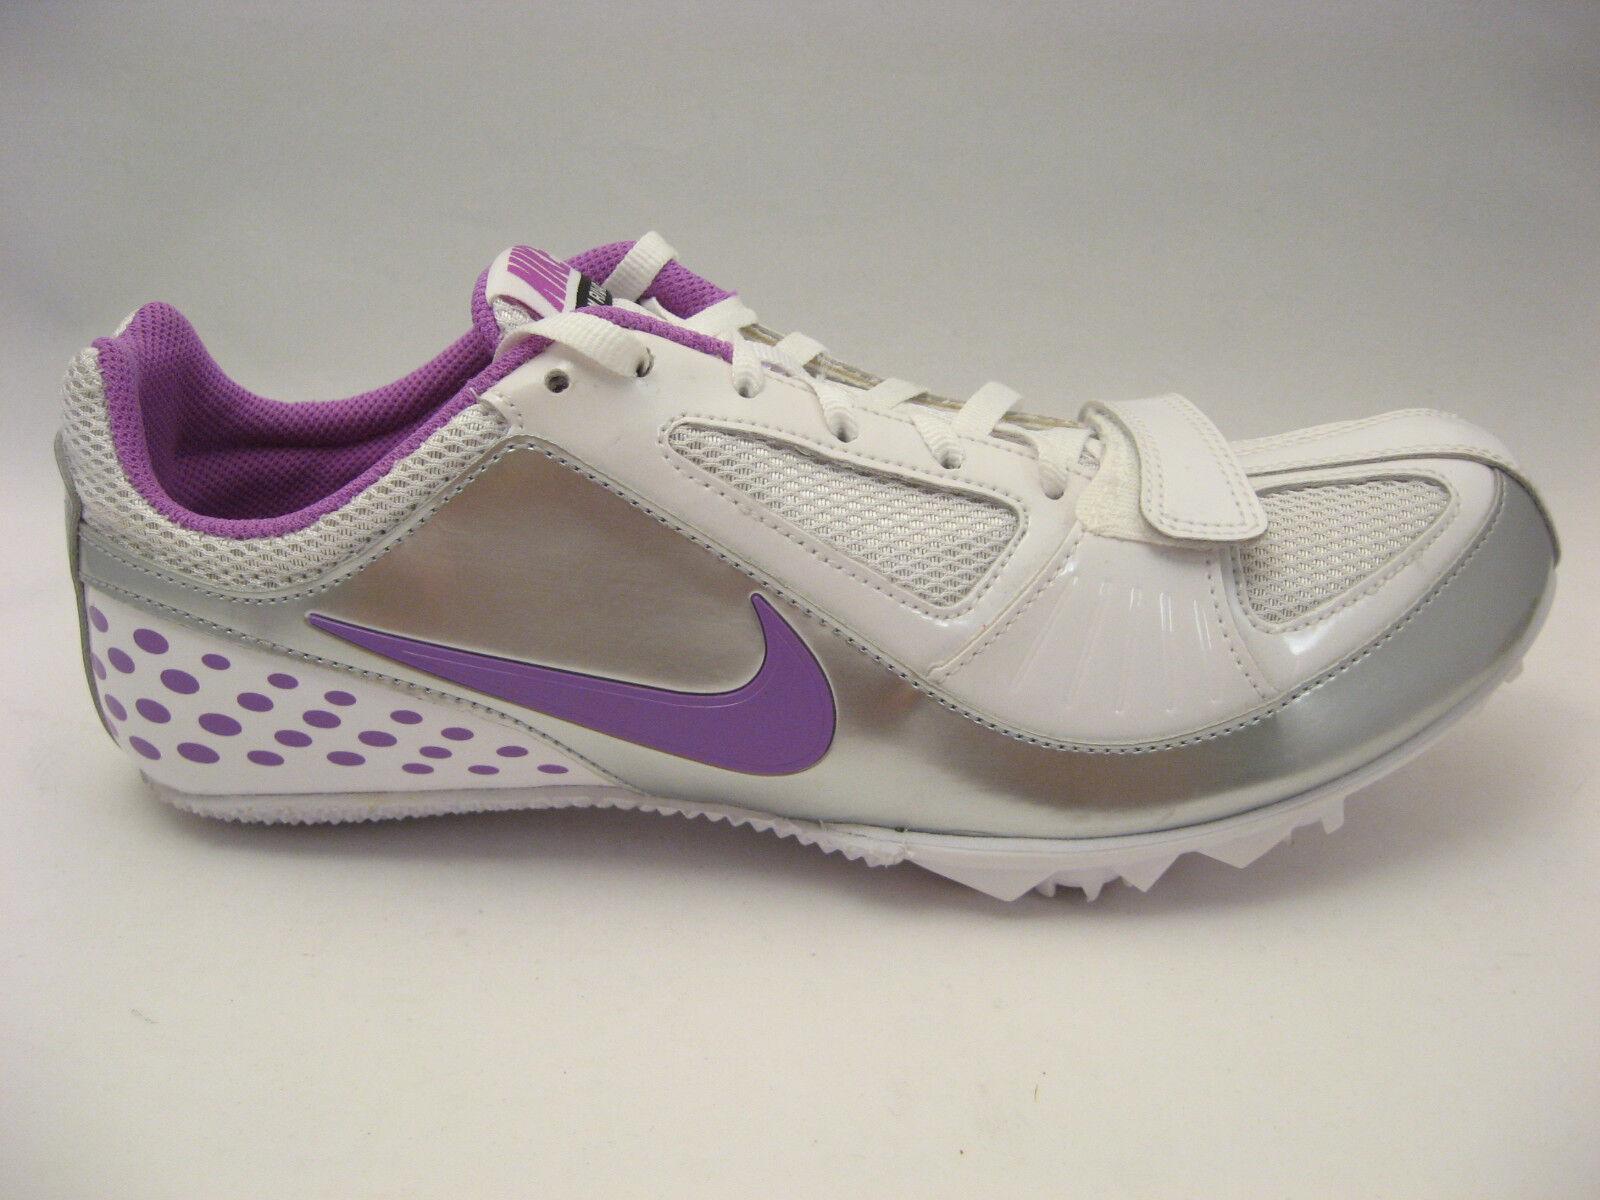 Nike unisex - zoom - rivale s 5 laufschuhe (m4.5) (w6) weiß - lila frauen 383822